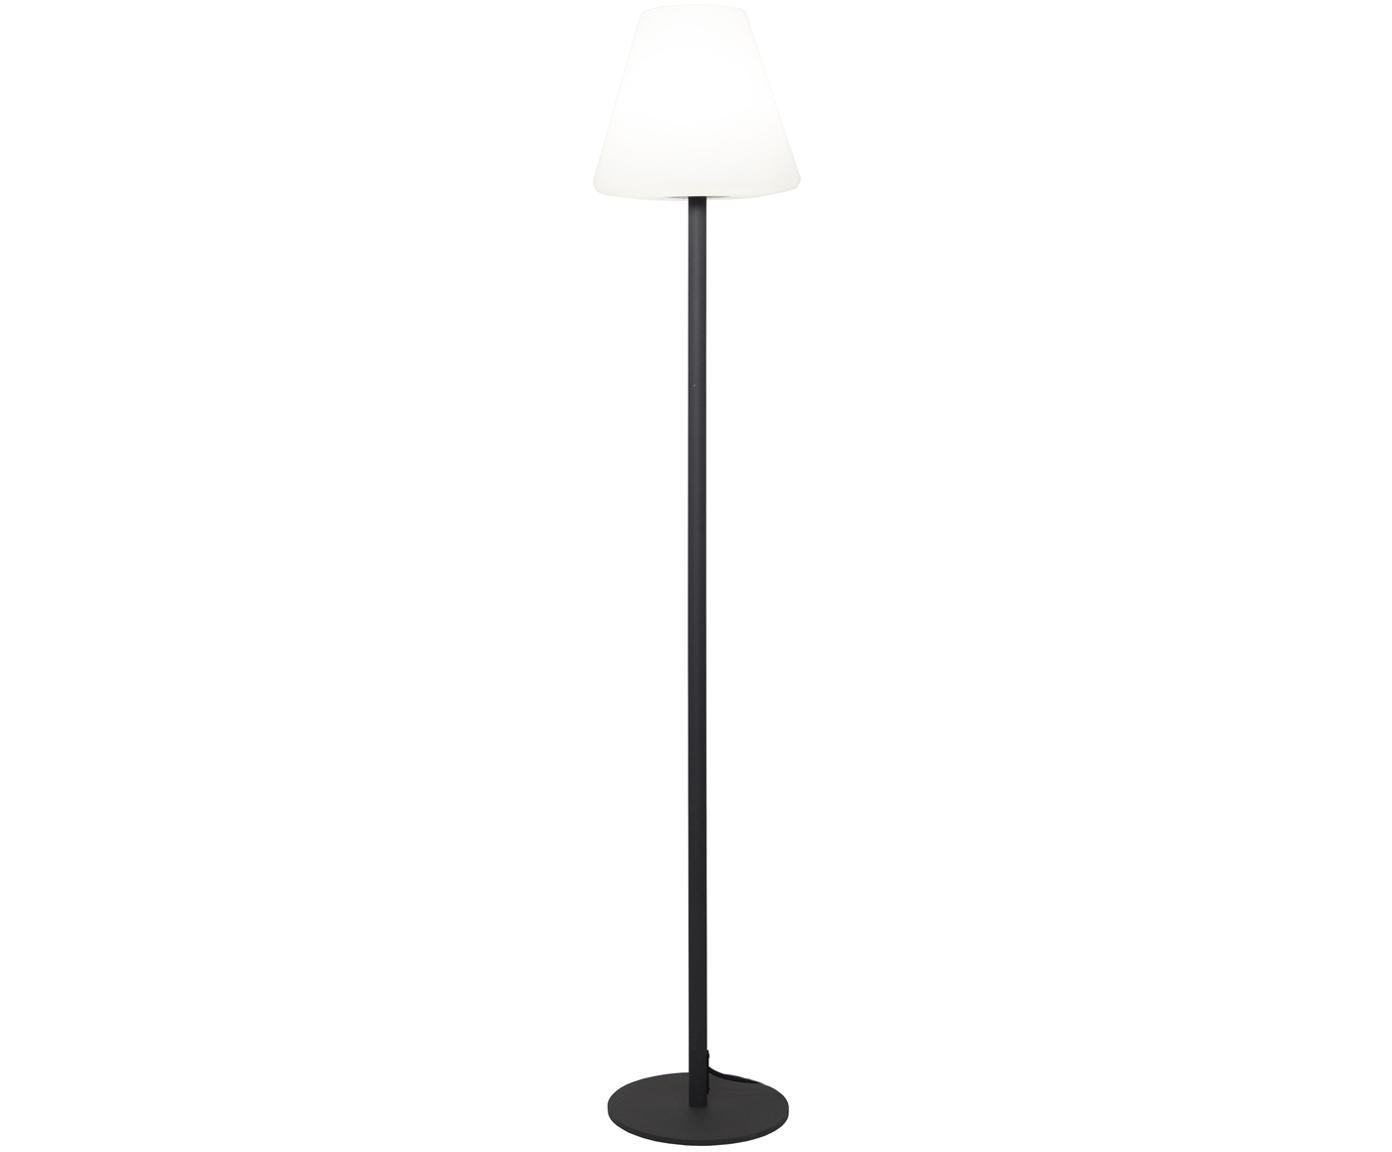 Outdoor LED vloerlamp Gardenlight, Kunststof, metaal, Wit, antraciet, Ø 28 x H 150 cm